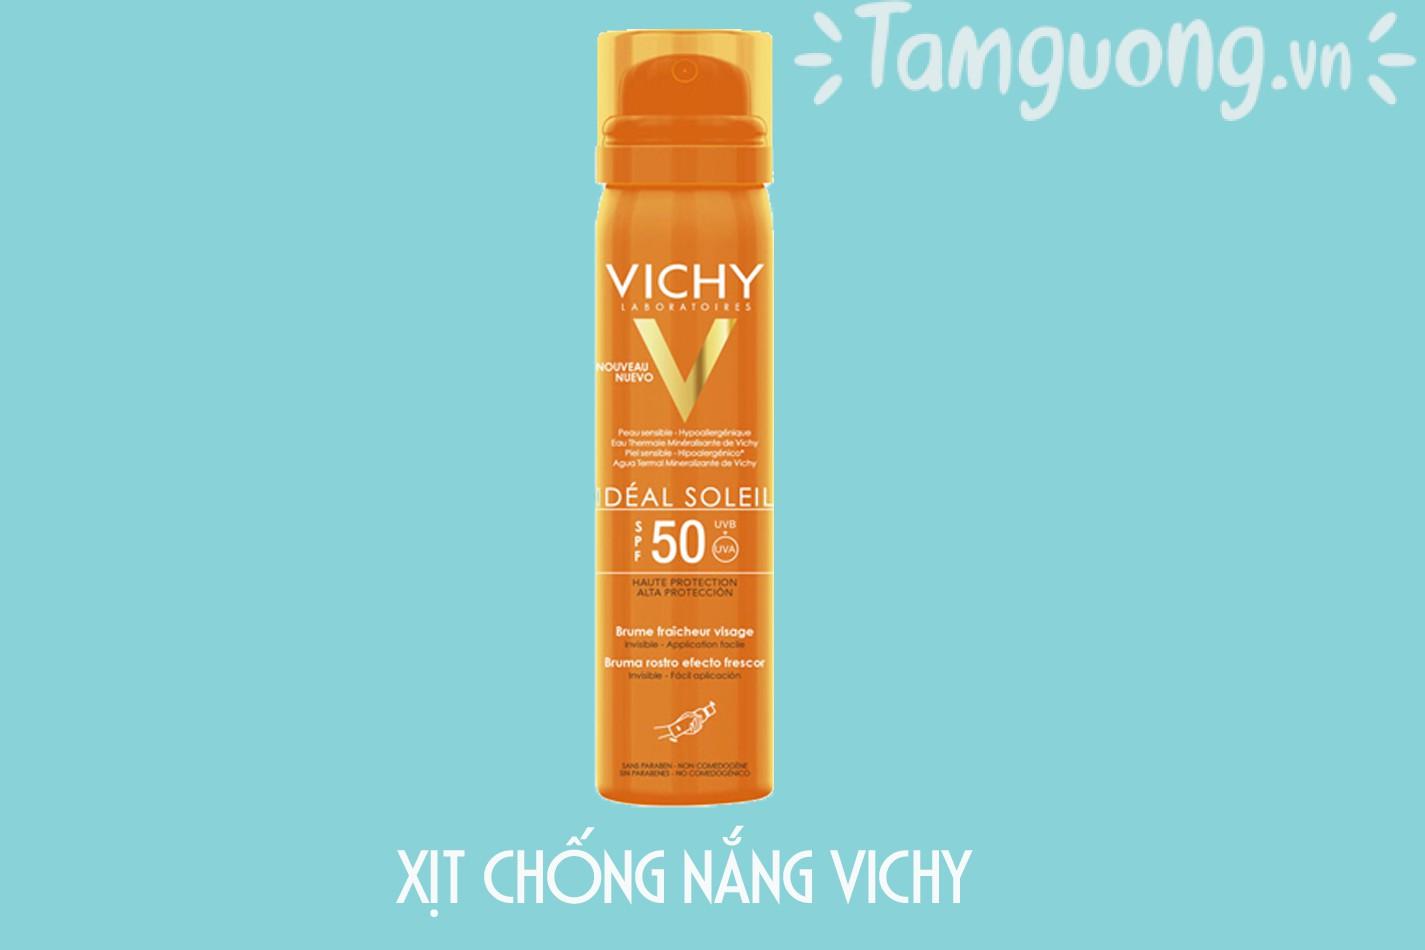 Kem chống nắng Vichy dạng xịt